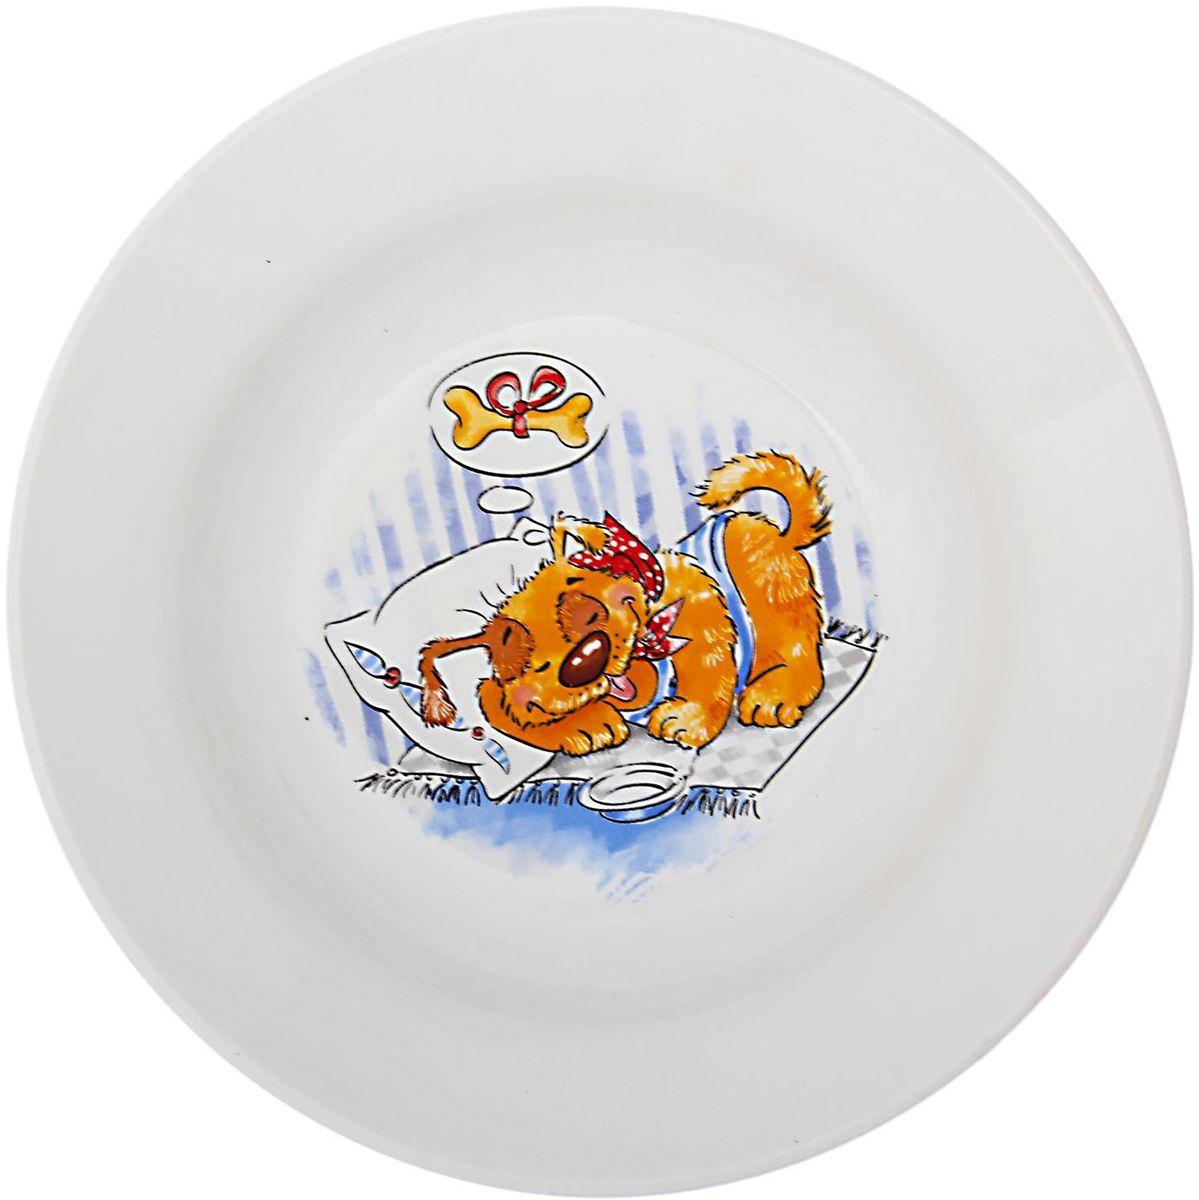 Кубаньфарфор Тарелка детская Дружок 14949171494917Фаянсовая детская посуда с забавным рисунком понравится каждому малышу. Изделие из качественного материала станет правильным выбором для повседневной эксплуатации и поможет превратить каждый прием пищи в радостное приключение. Особенности: - простота мойки, - стойкость к запахам, - насыщенный цвет.